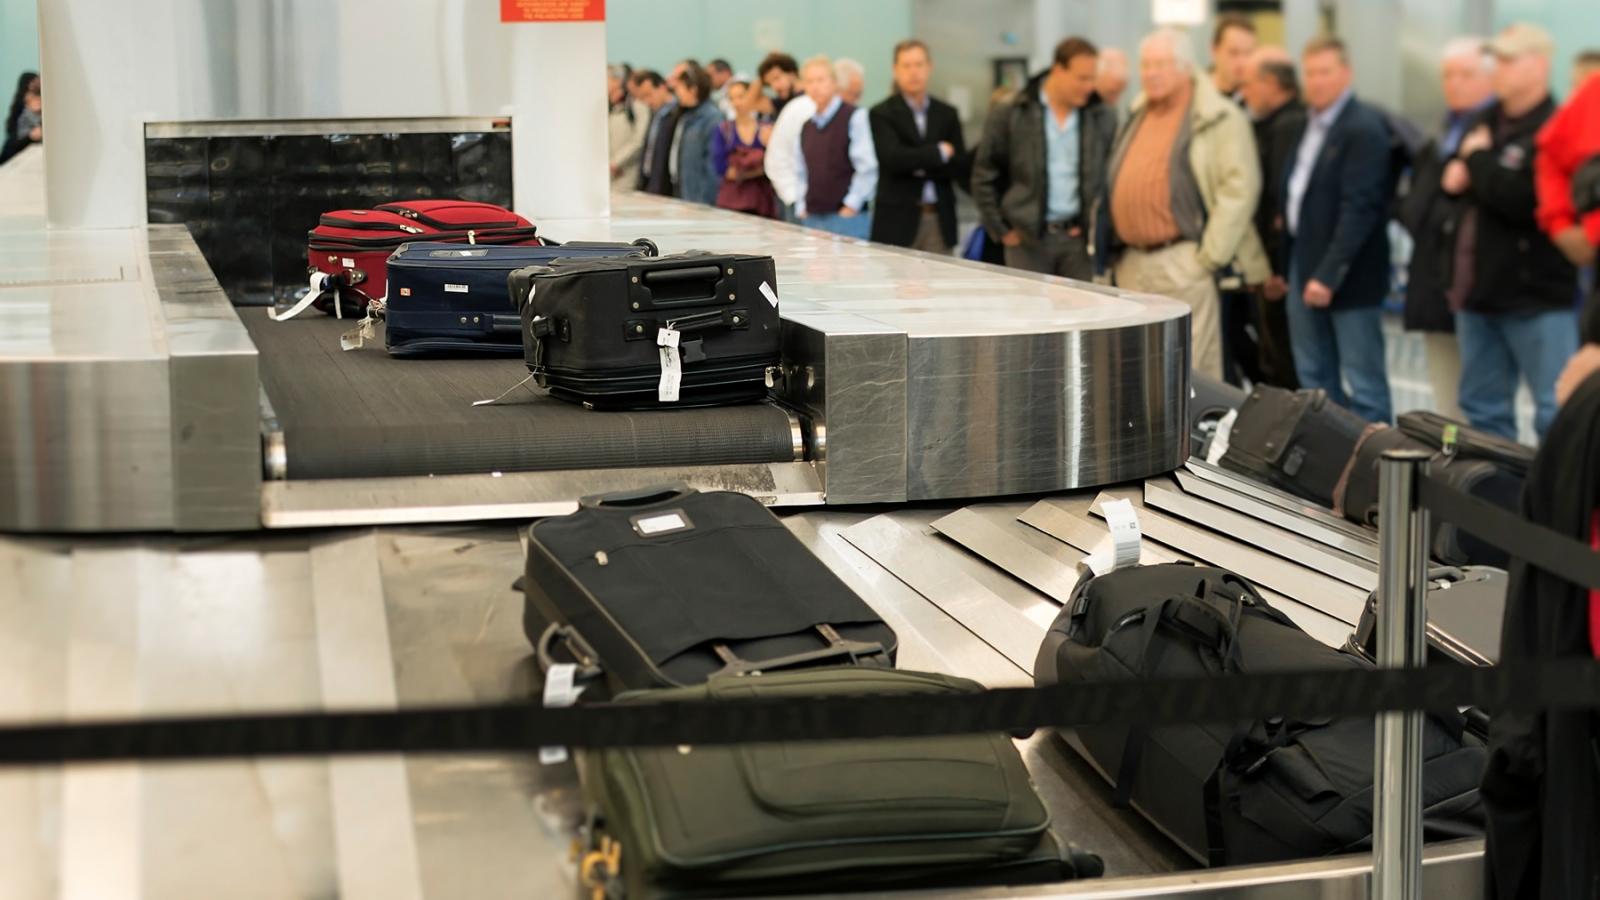 Hãng hàng không nào bảo quản hành lý kém nhất?